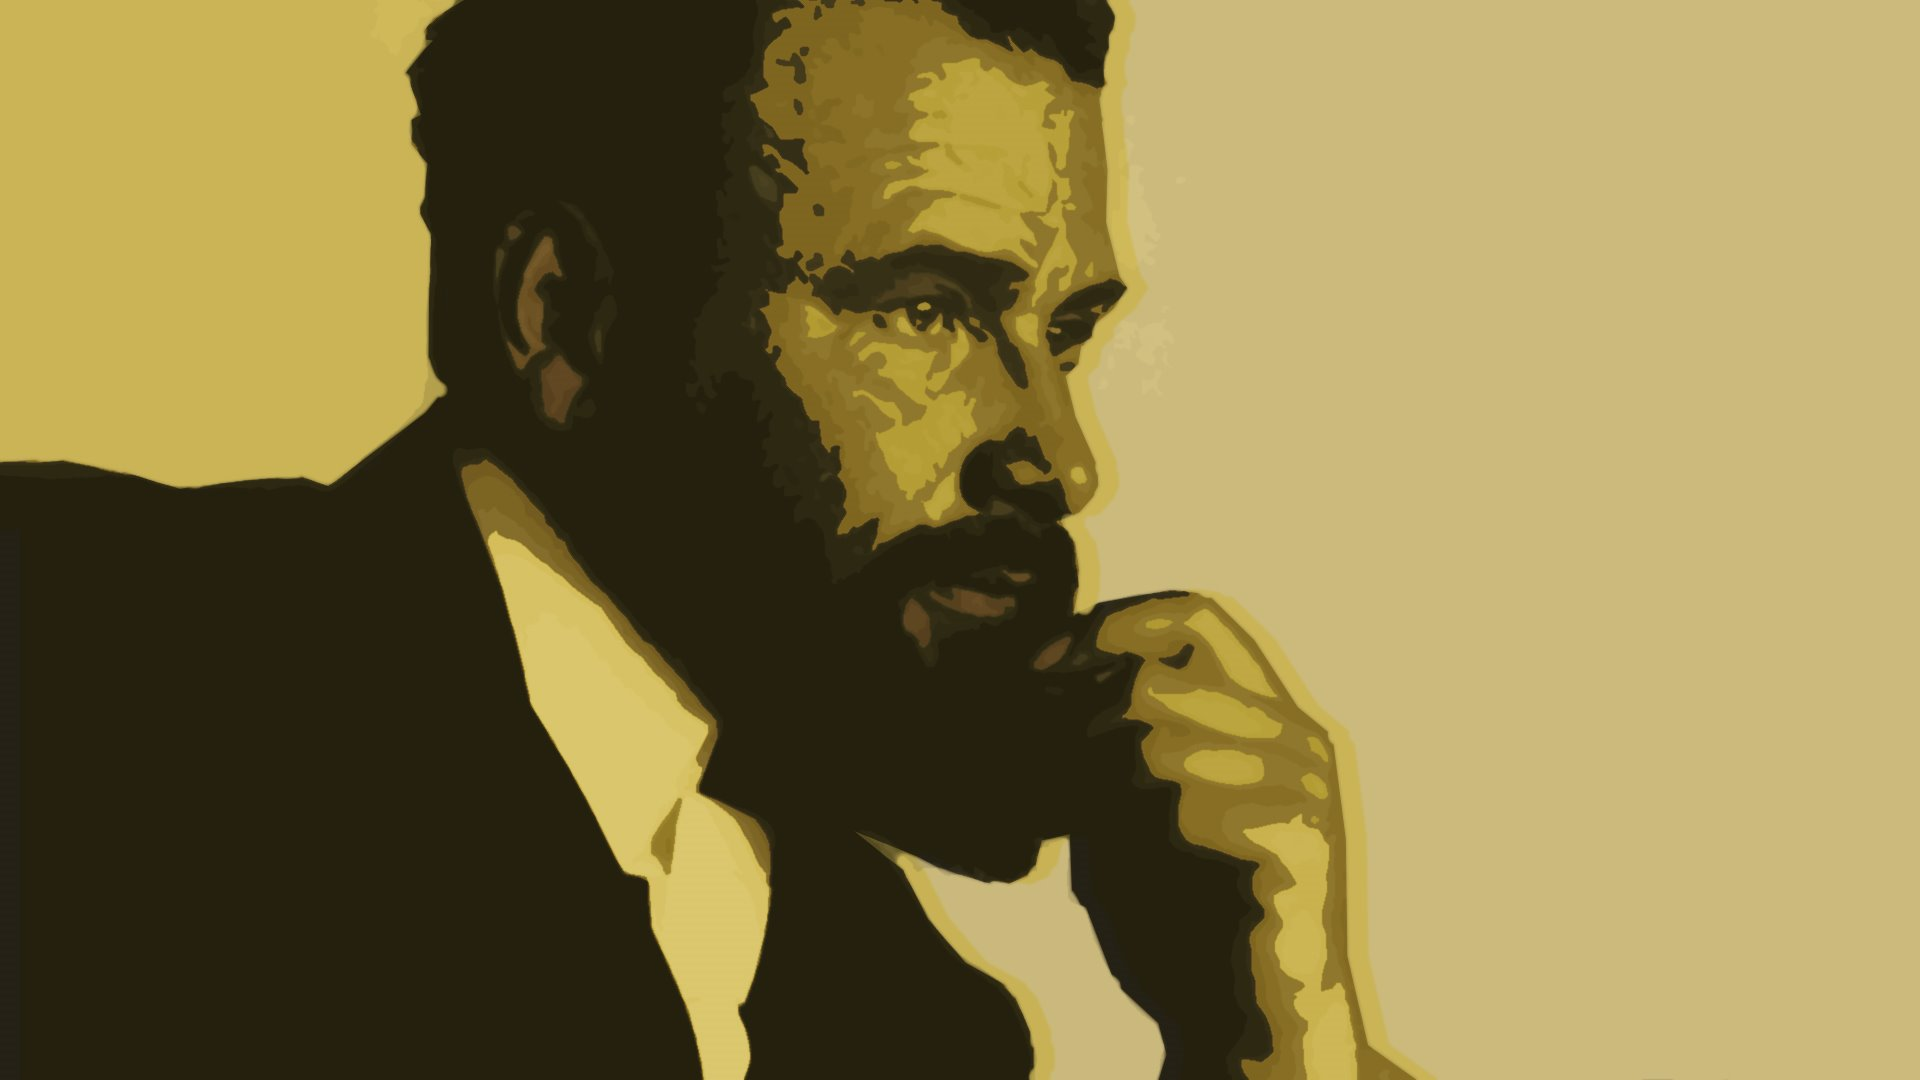 """Inauguración de la exposición """"La destrucción creadora. Gustav Klimt, el Friso de Beethoven y la lucha por la libertad del arte"""""""